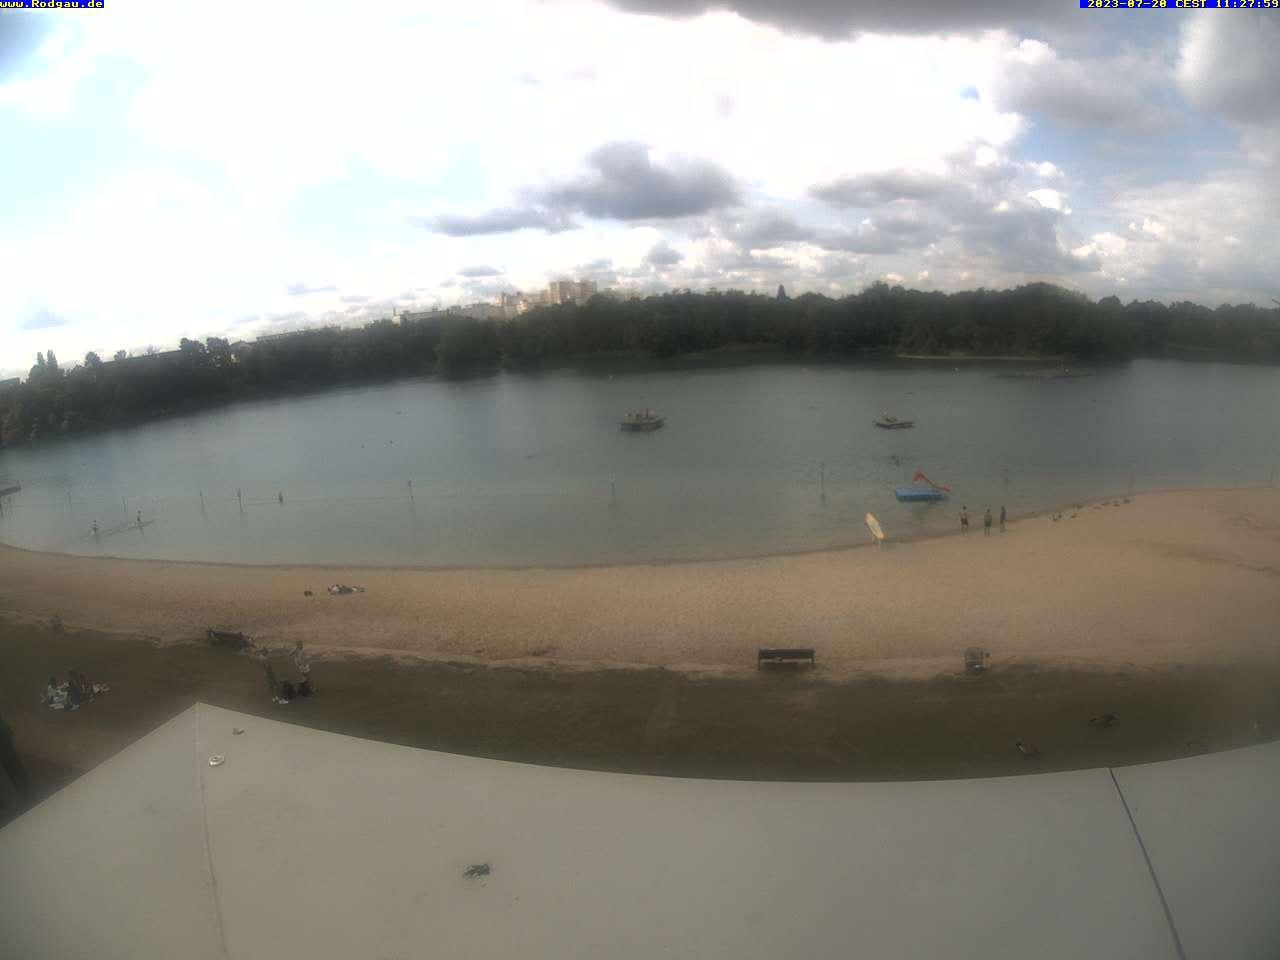 Externes Medium: Die Webcam zeigt im 3-Minuten-Takt den Badesee in Rodgau (Nieder-Roden)